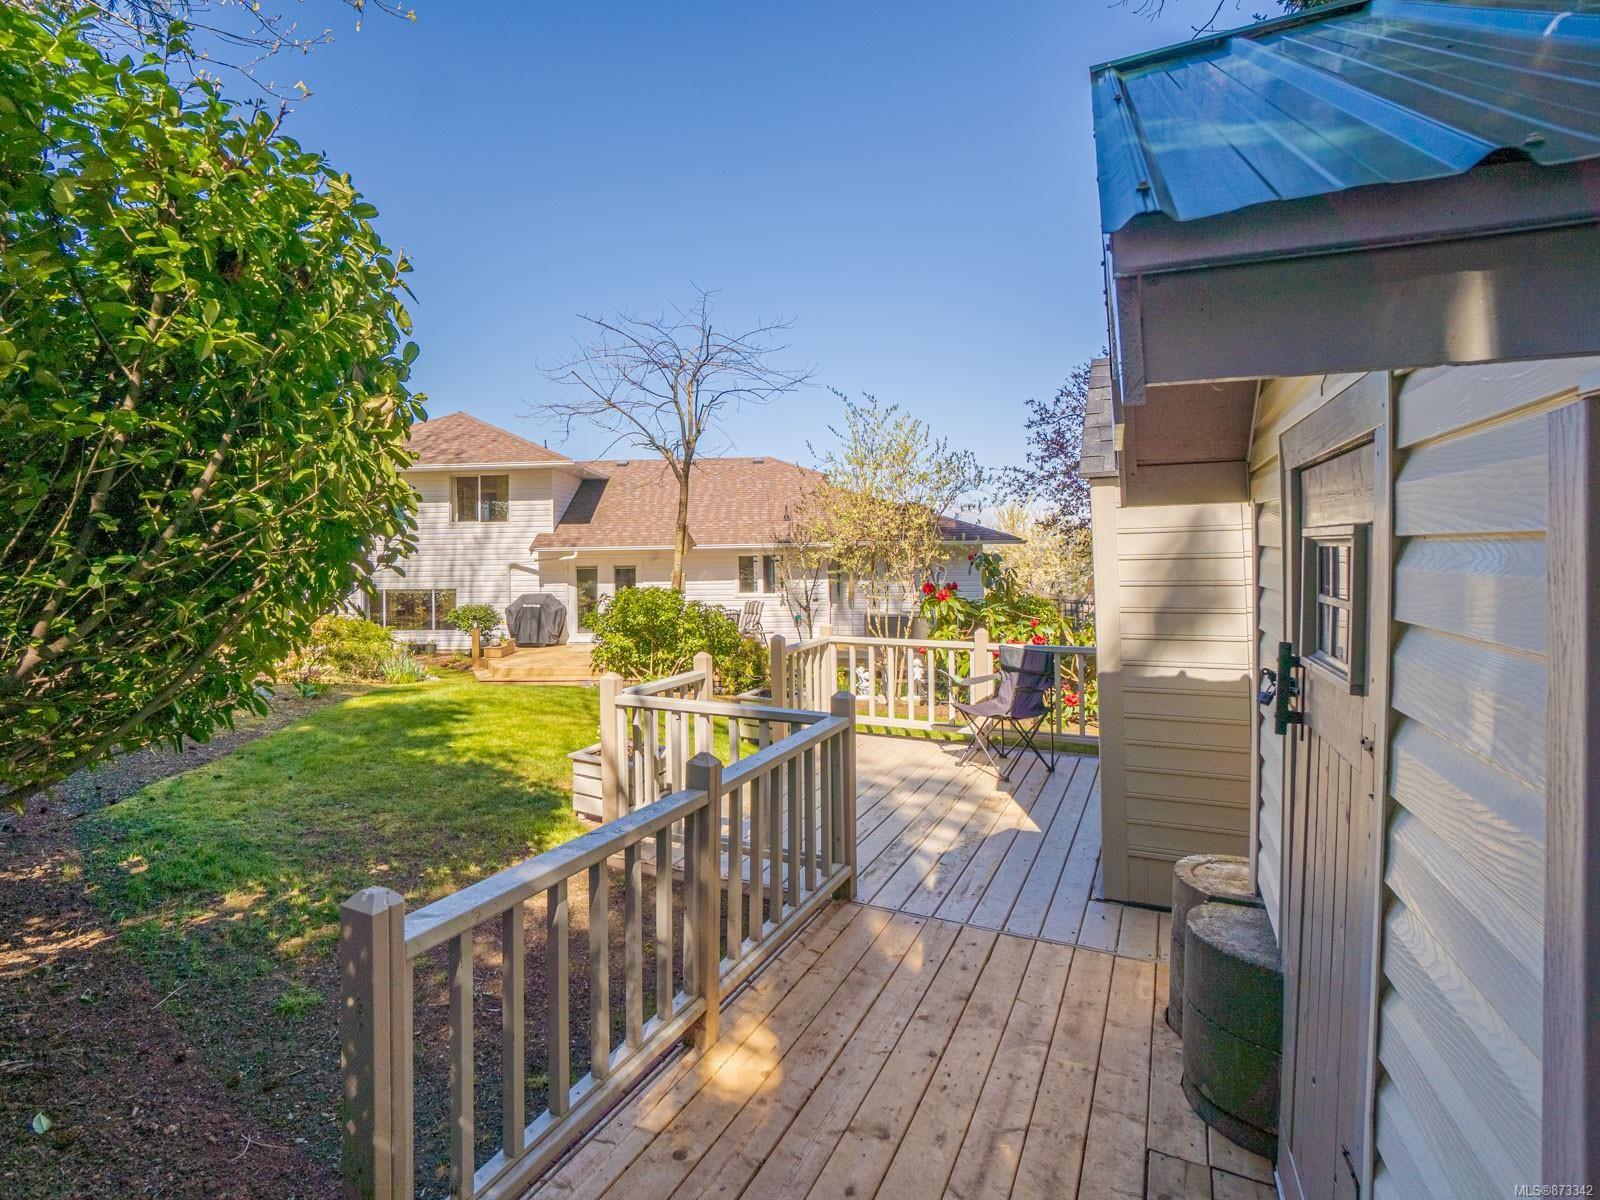 Photo 58: Photos: 5294 Catalina Dr in : Na North Nanaimo House for sale (Nanaimo)  : MLS®# 873342